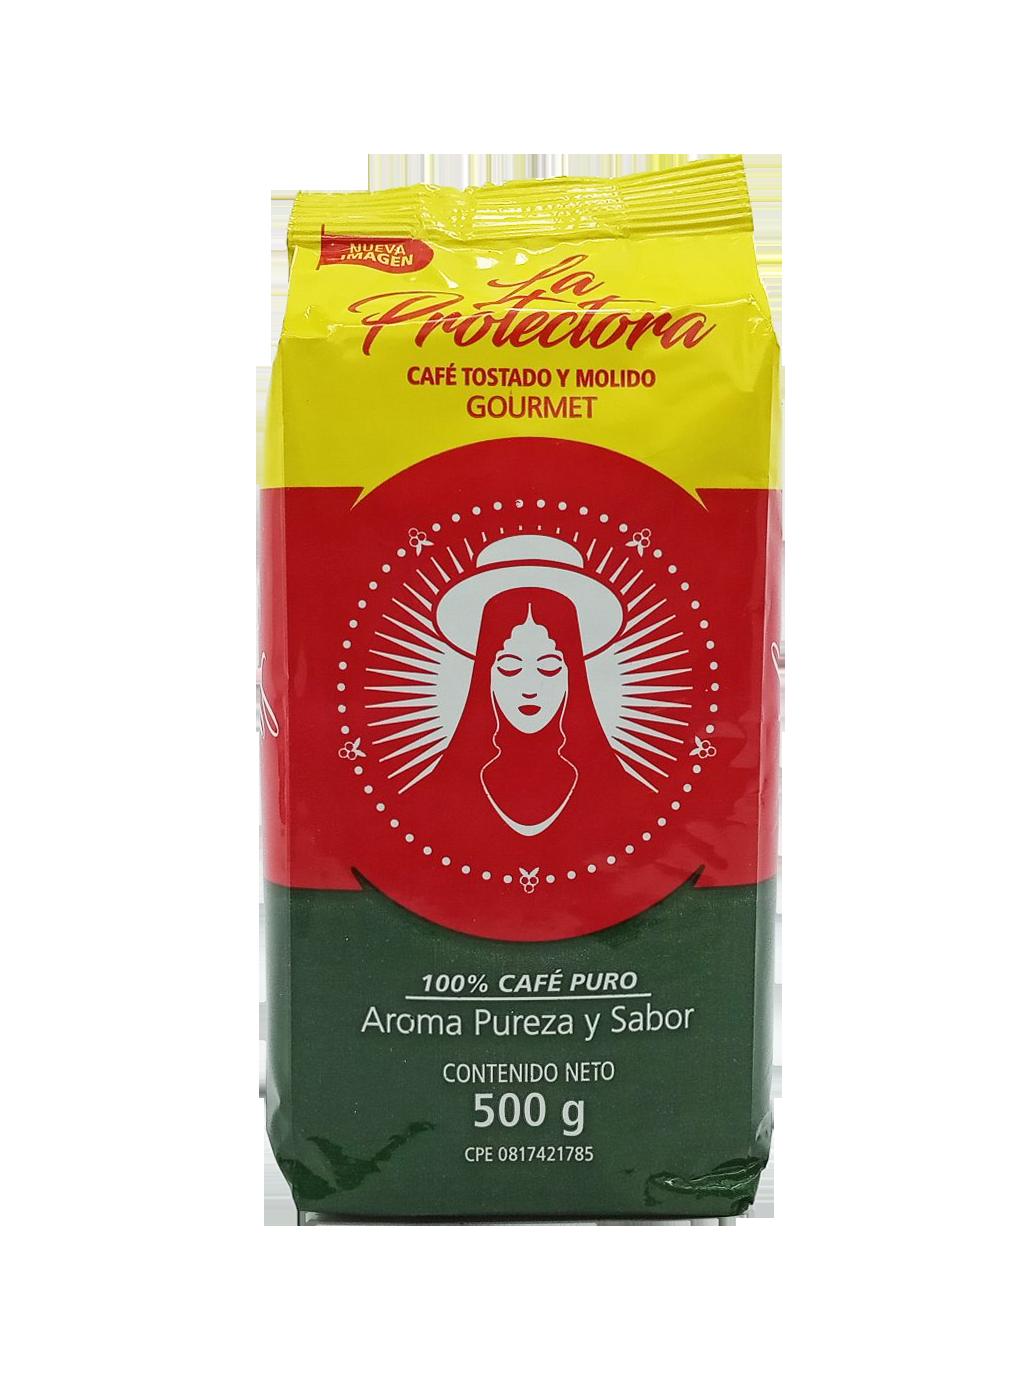 LA PROTECTORA CAFE GOURMET 500GR